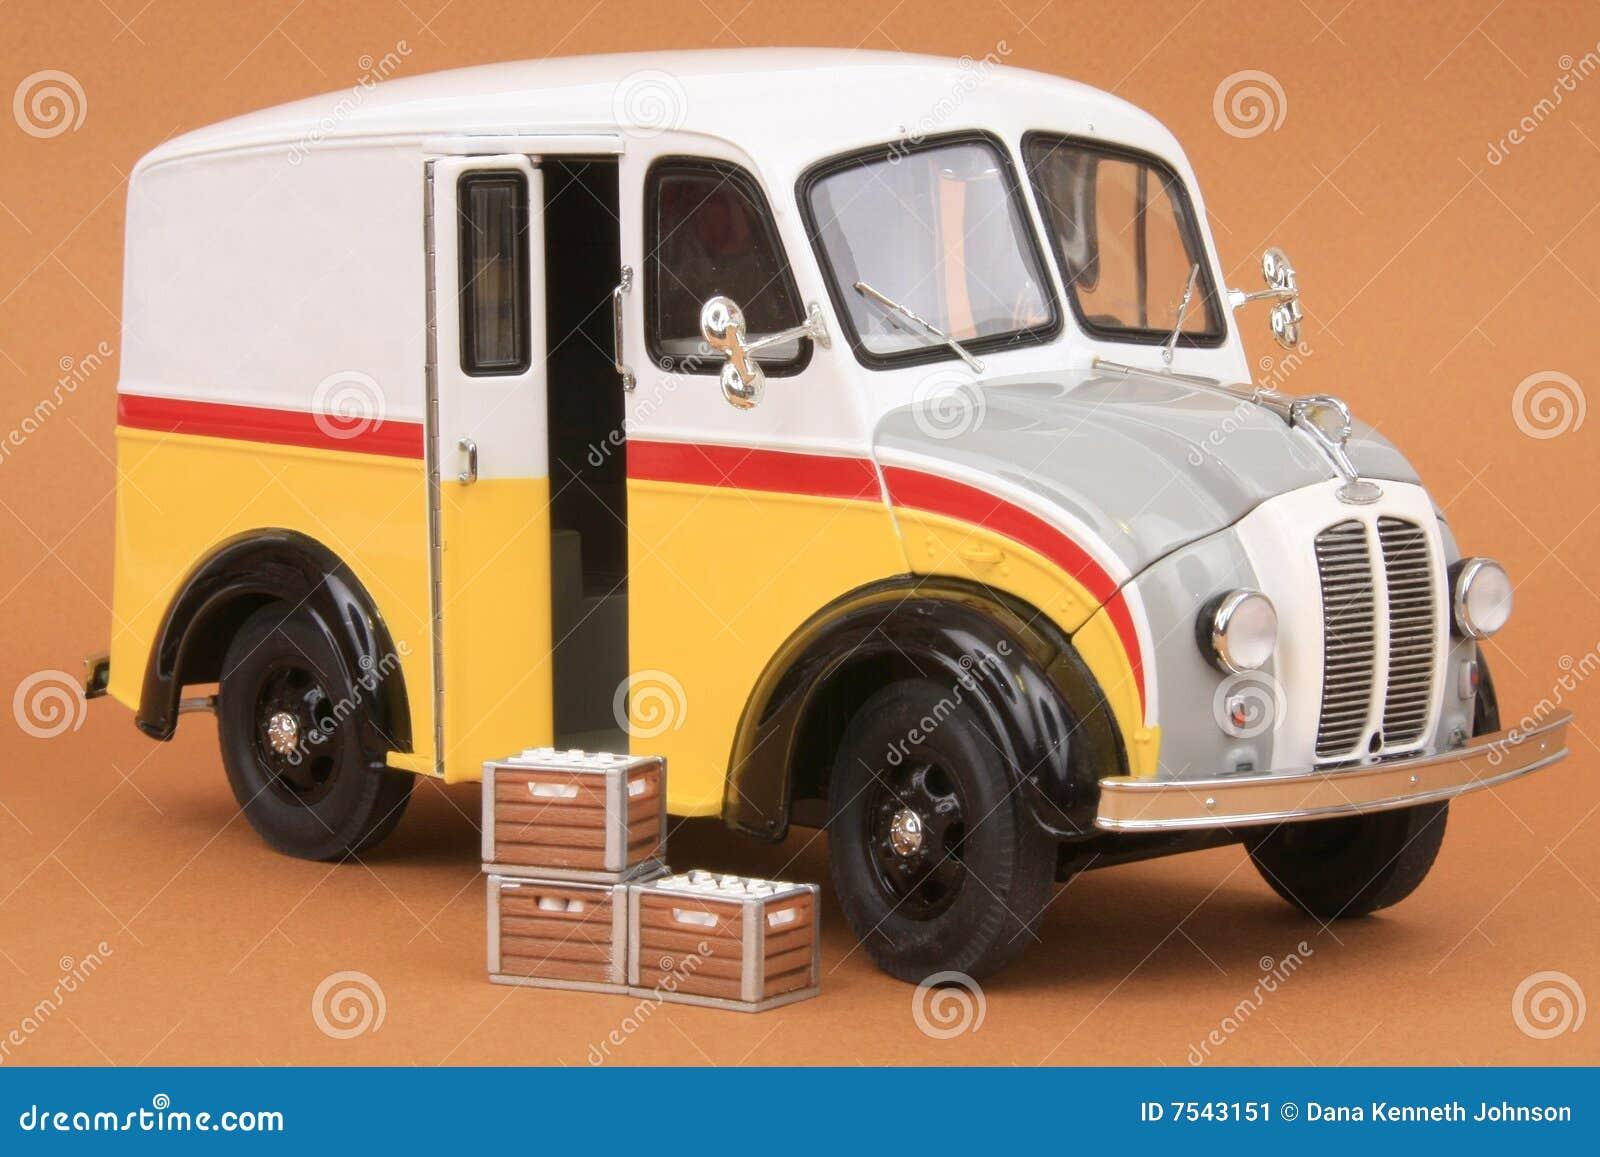 Divco Milk Delivery Van 1950 Stock Image - Image of diecast